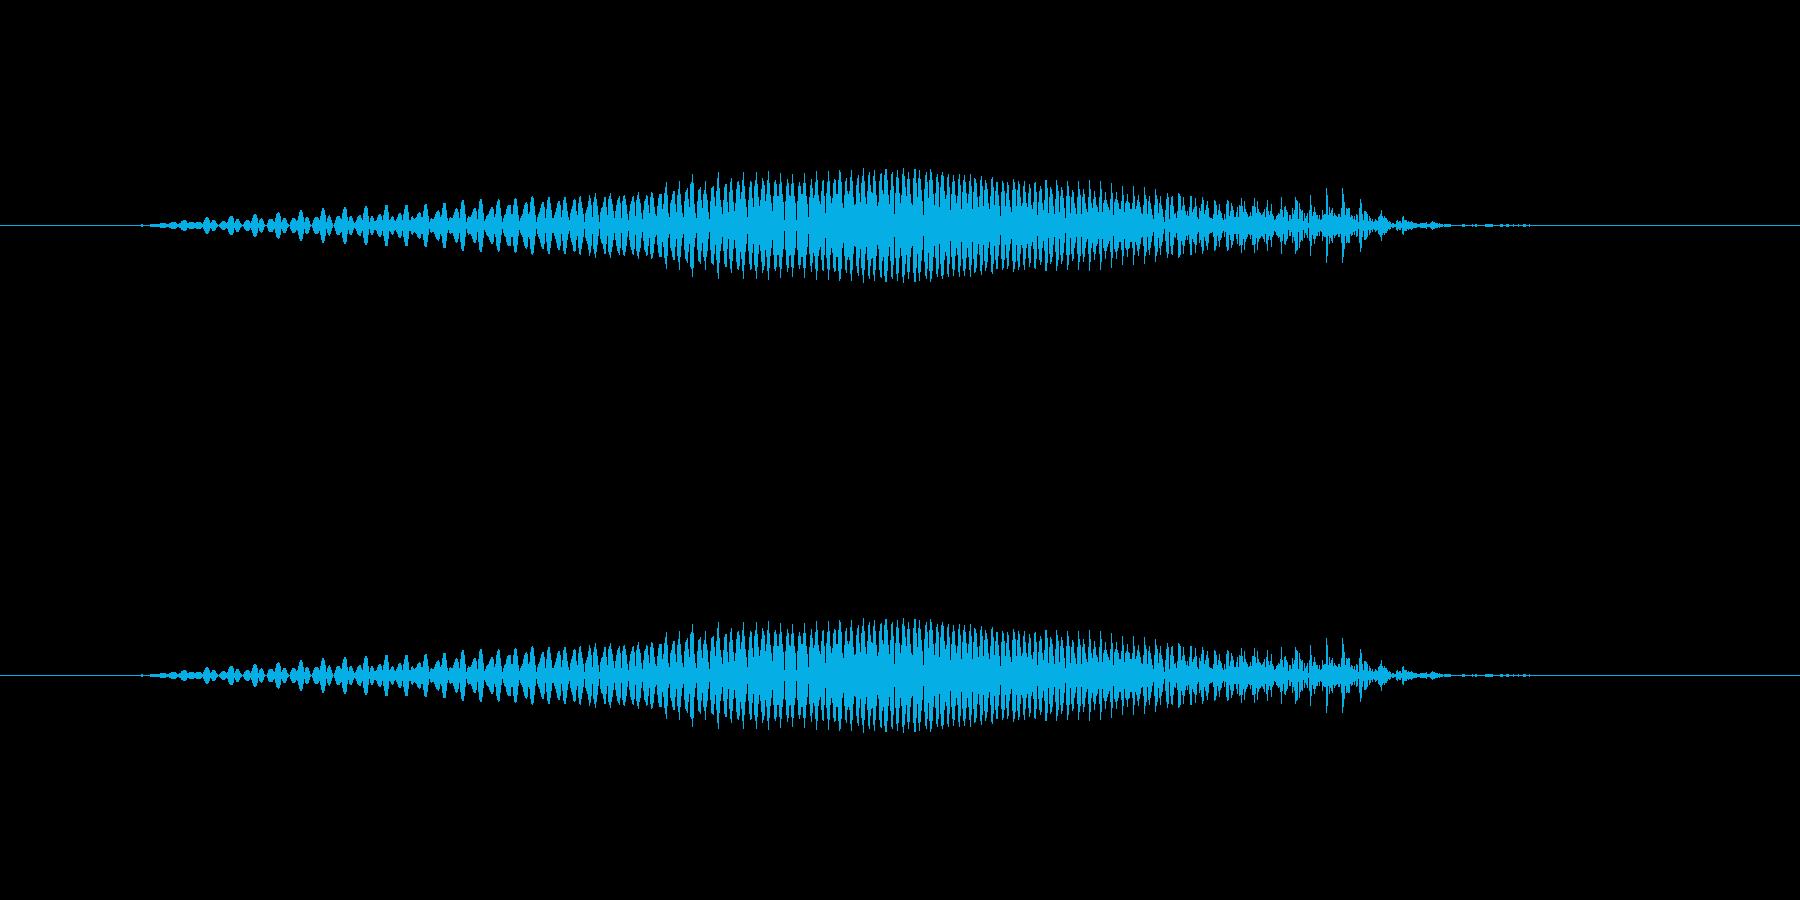 数字の2(に)-明るいトーンお兄さの再生済みの波形